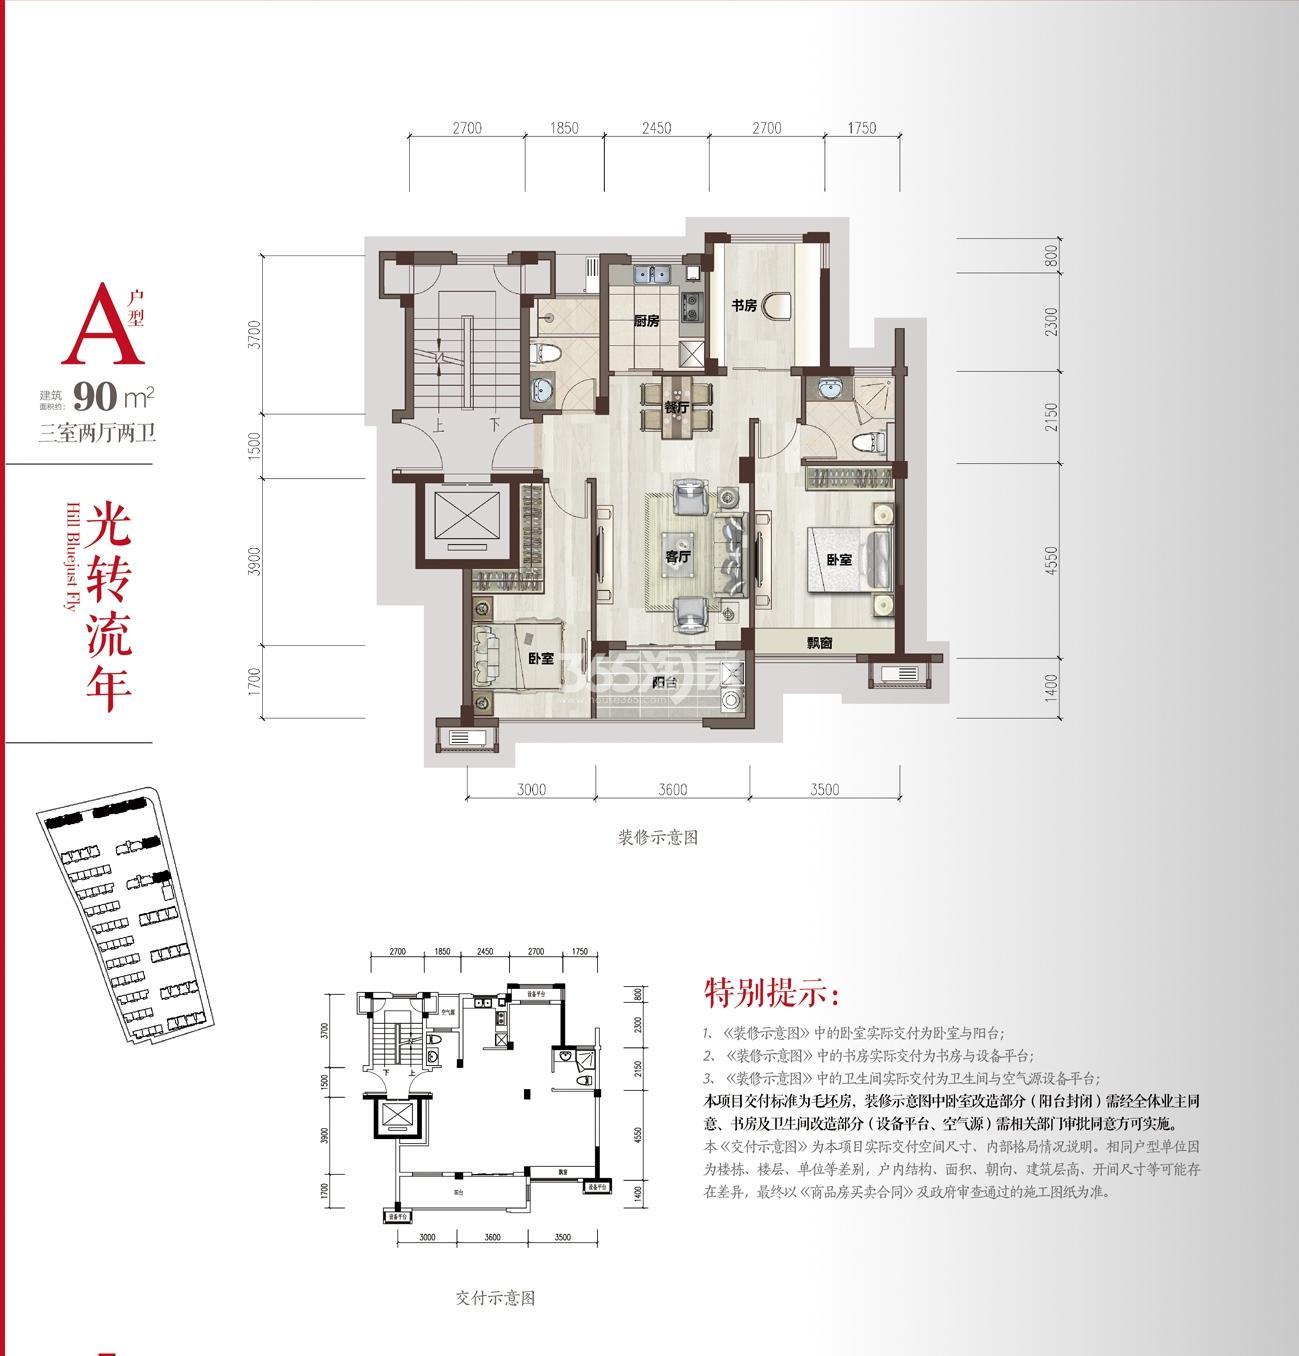 吉翔·澜山公馆户型图